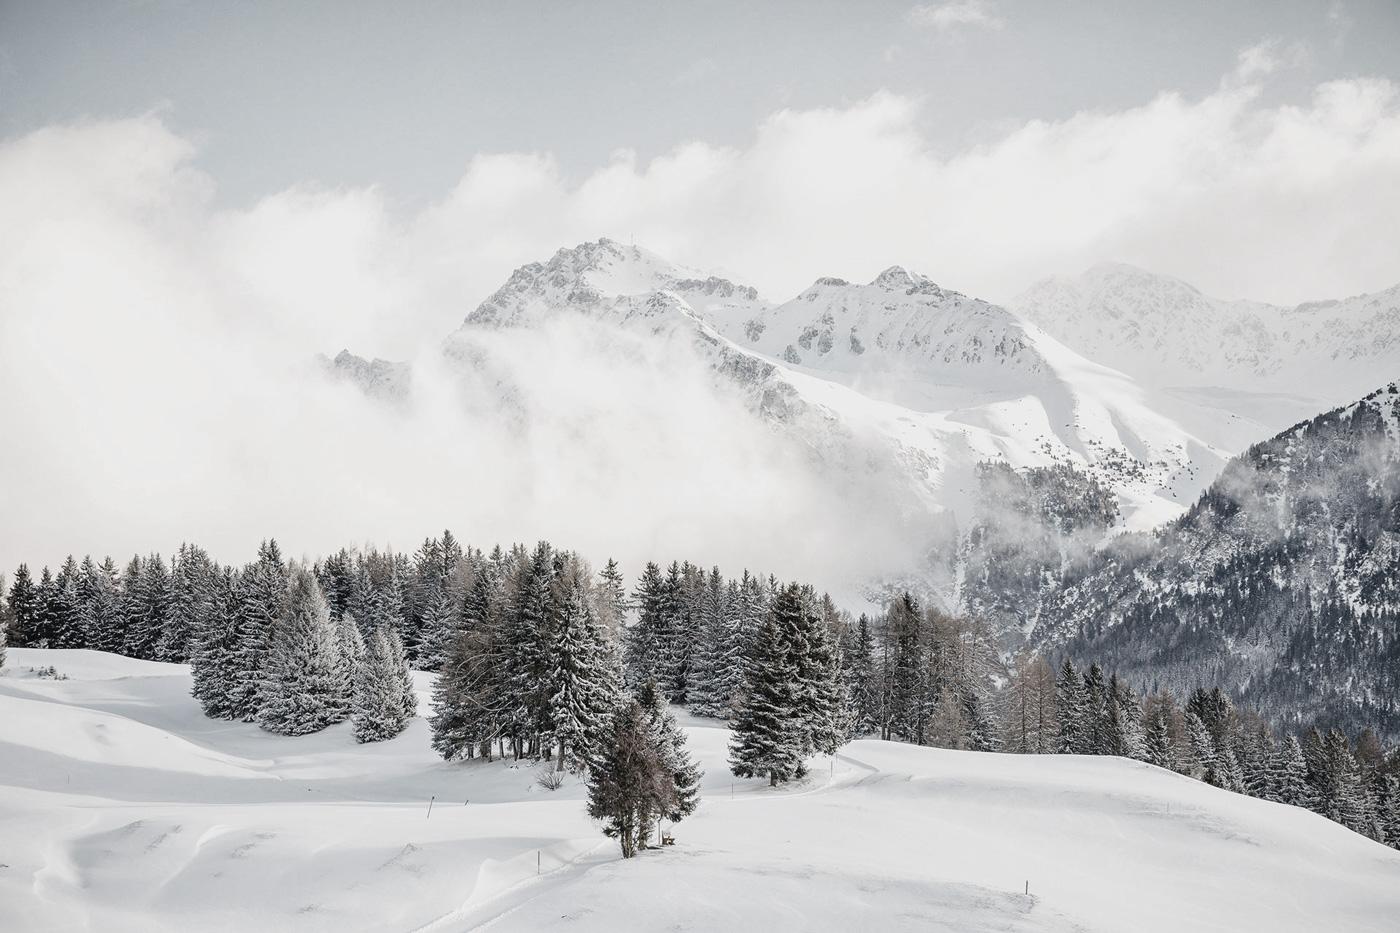 Winterliche Berglandschaft in der Lenzerheide